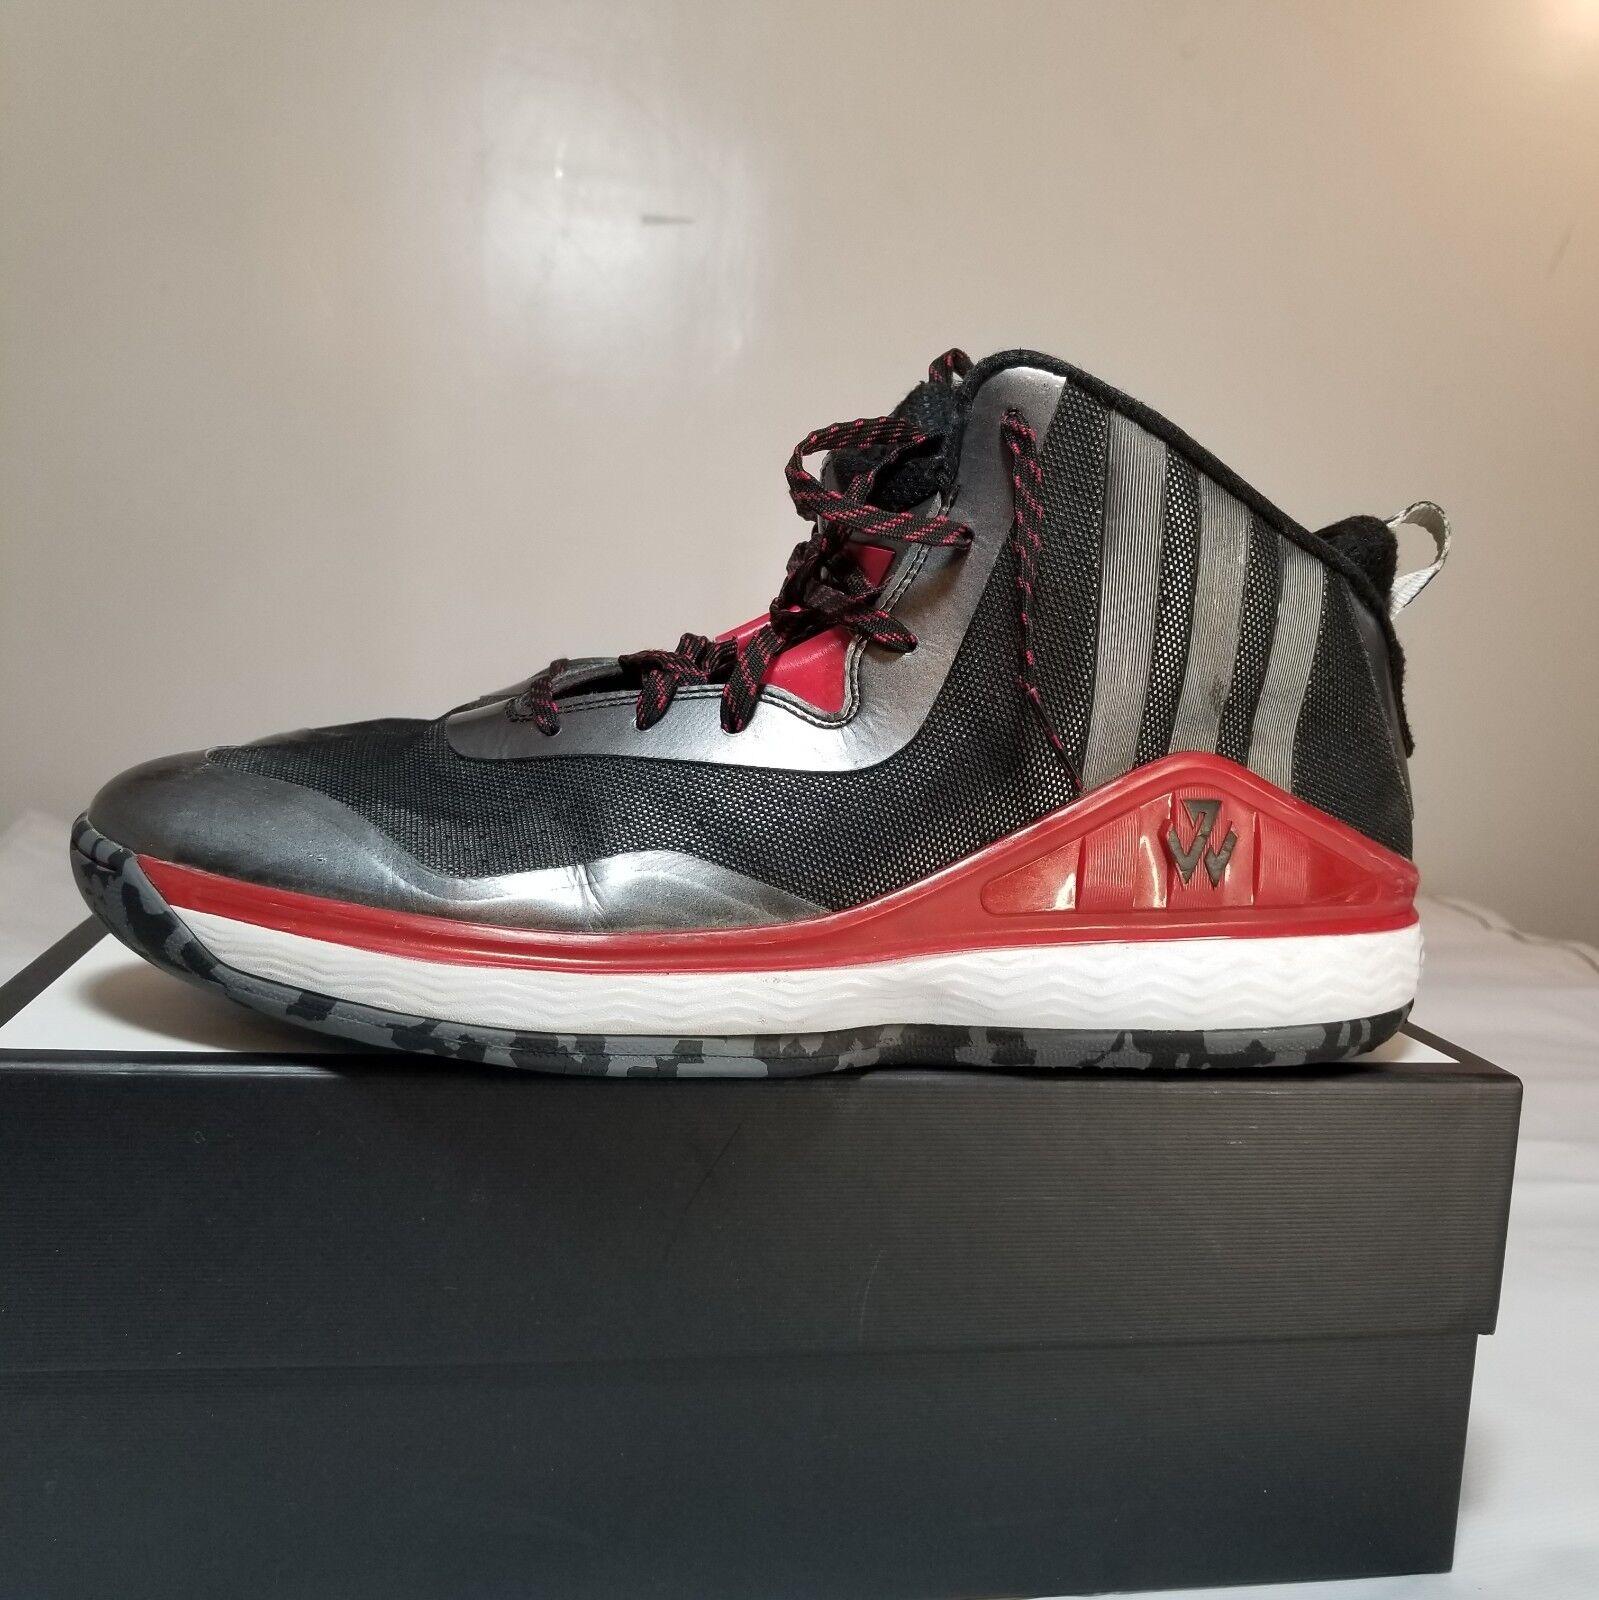 Adidas zapatos de de de baloncesto John Wall 1 temporada Adidas confortable despacho venta d705d4